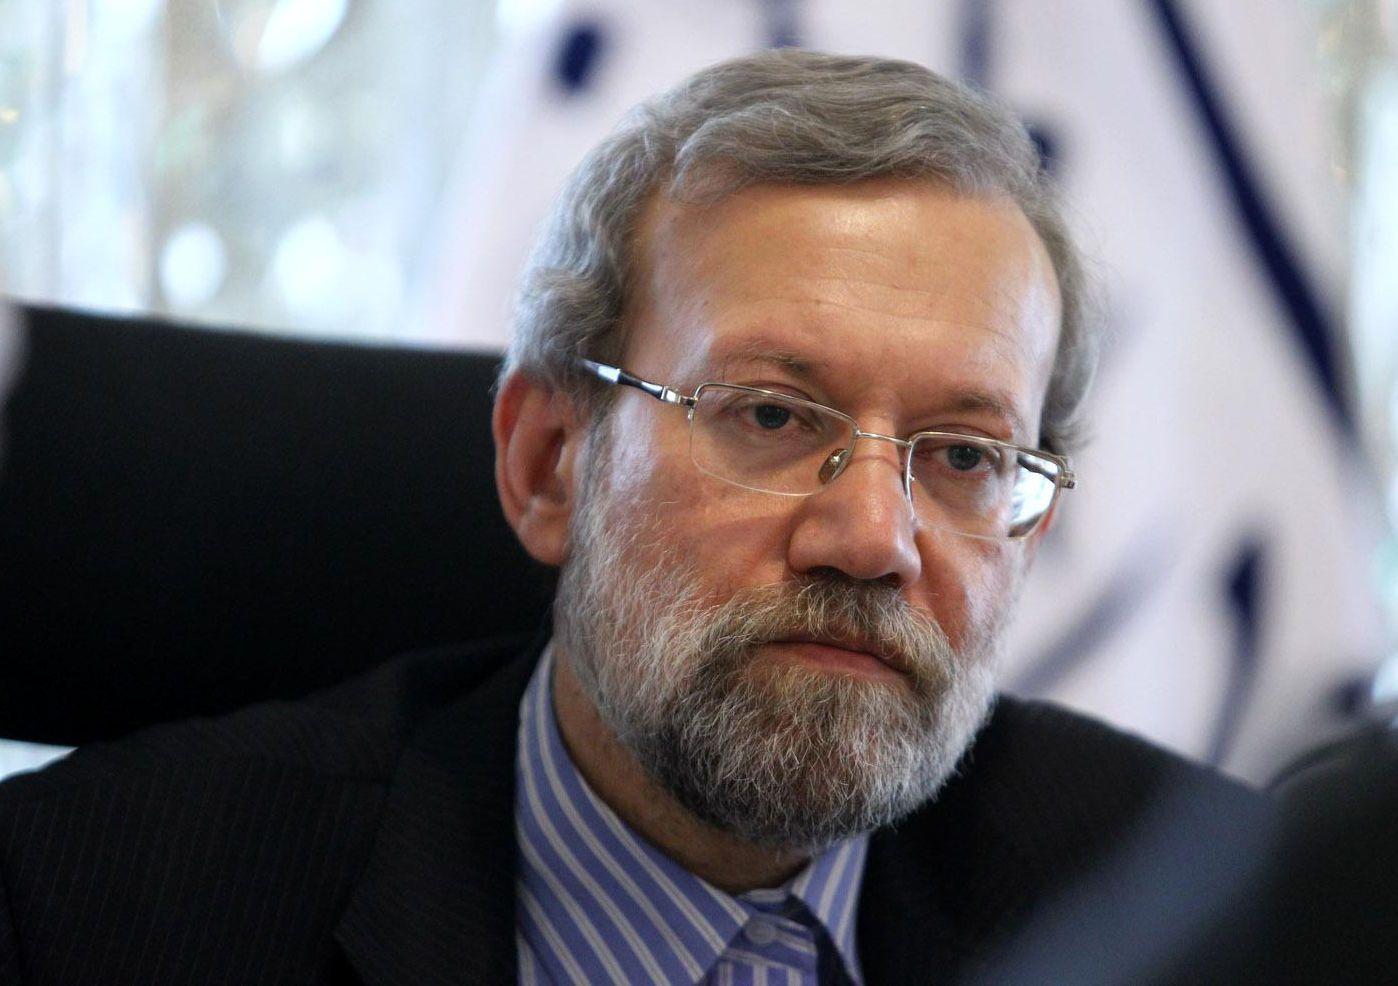 لاریجانی: مفهوم نه شرقی نه غربی قلم قرمز بر روابط دیپلماتیک نیست